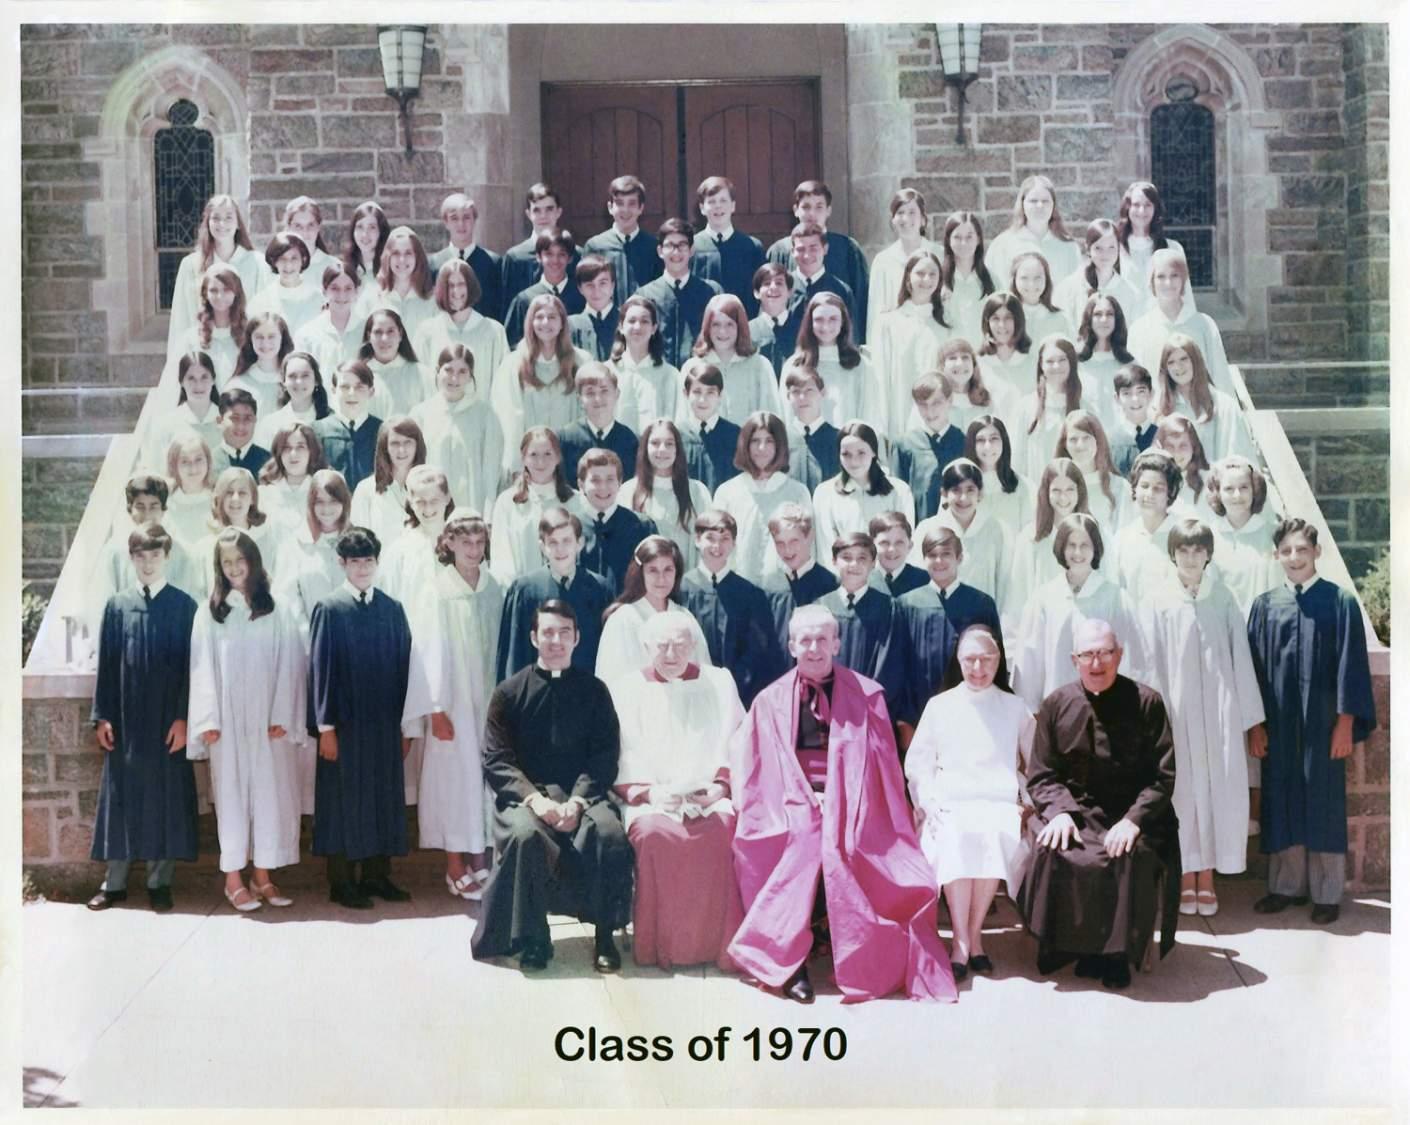 Class of 1970 grad pic